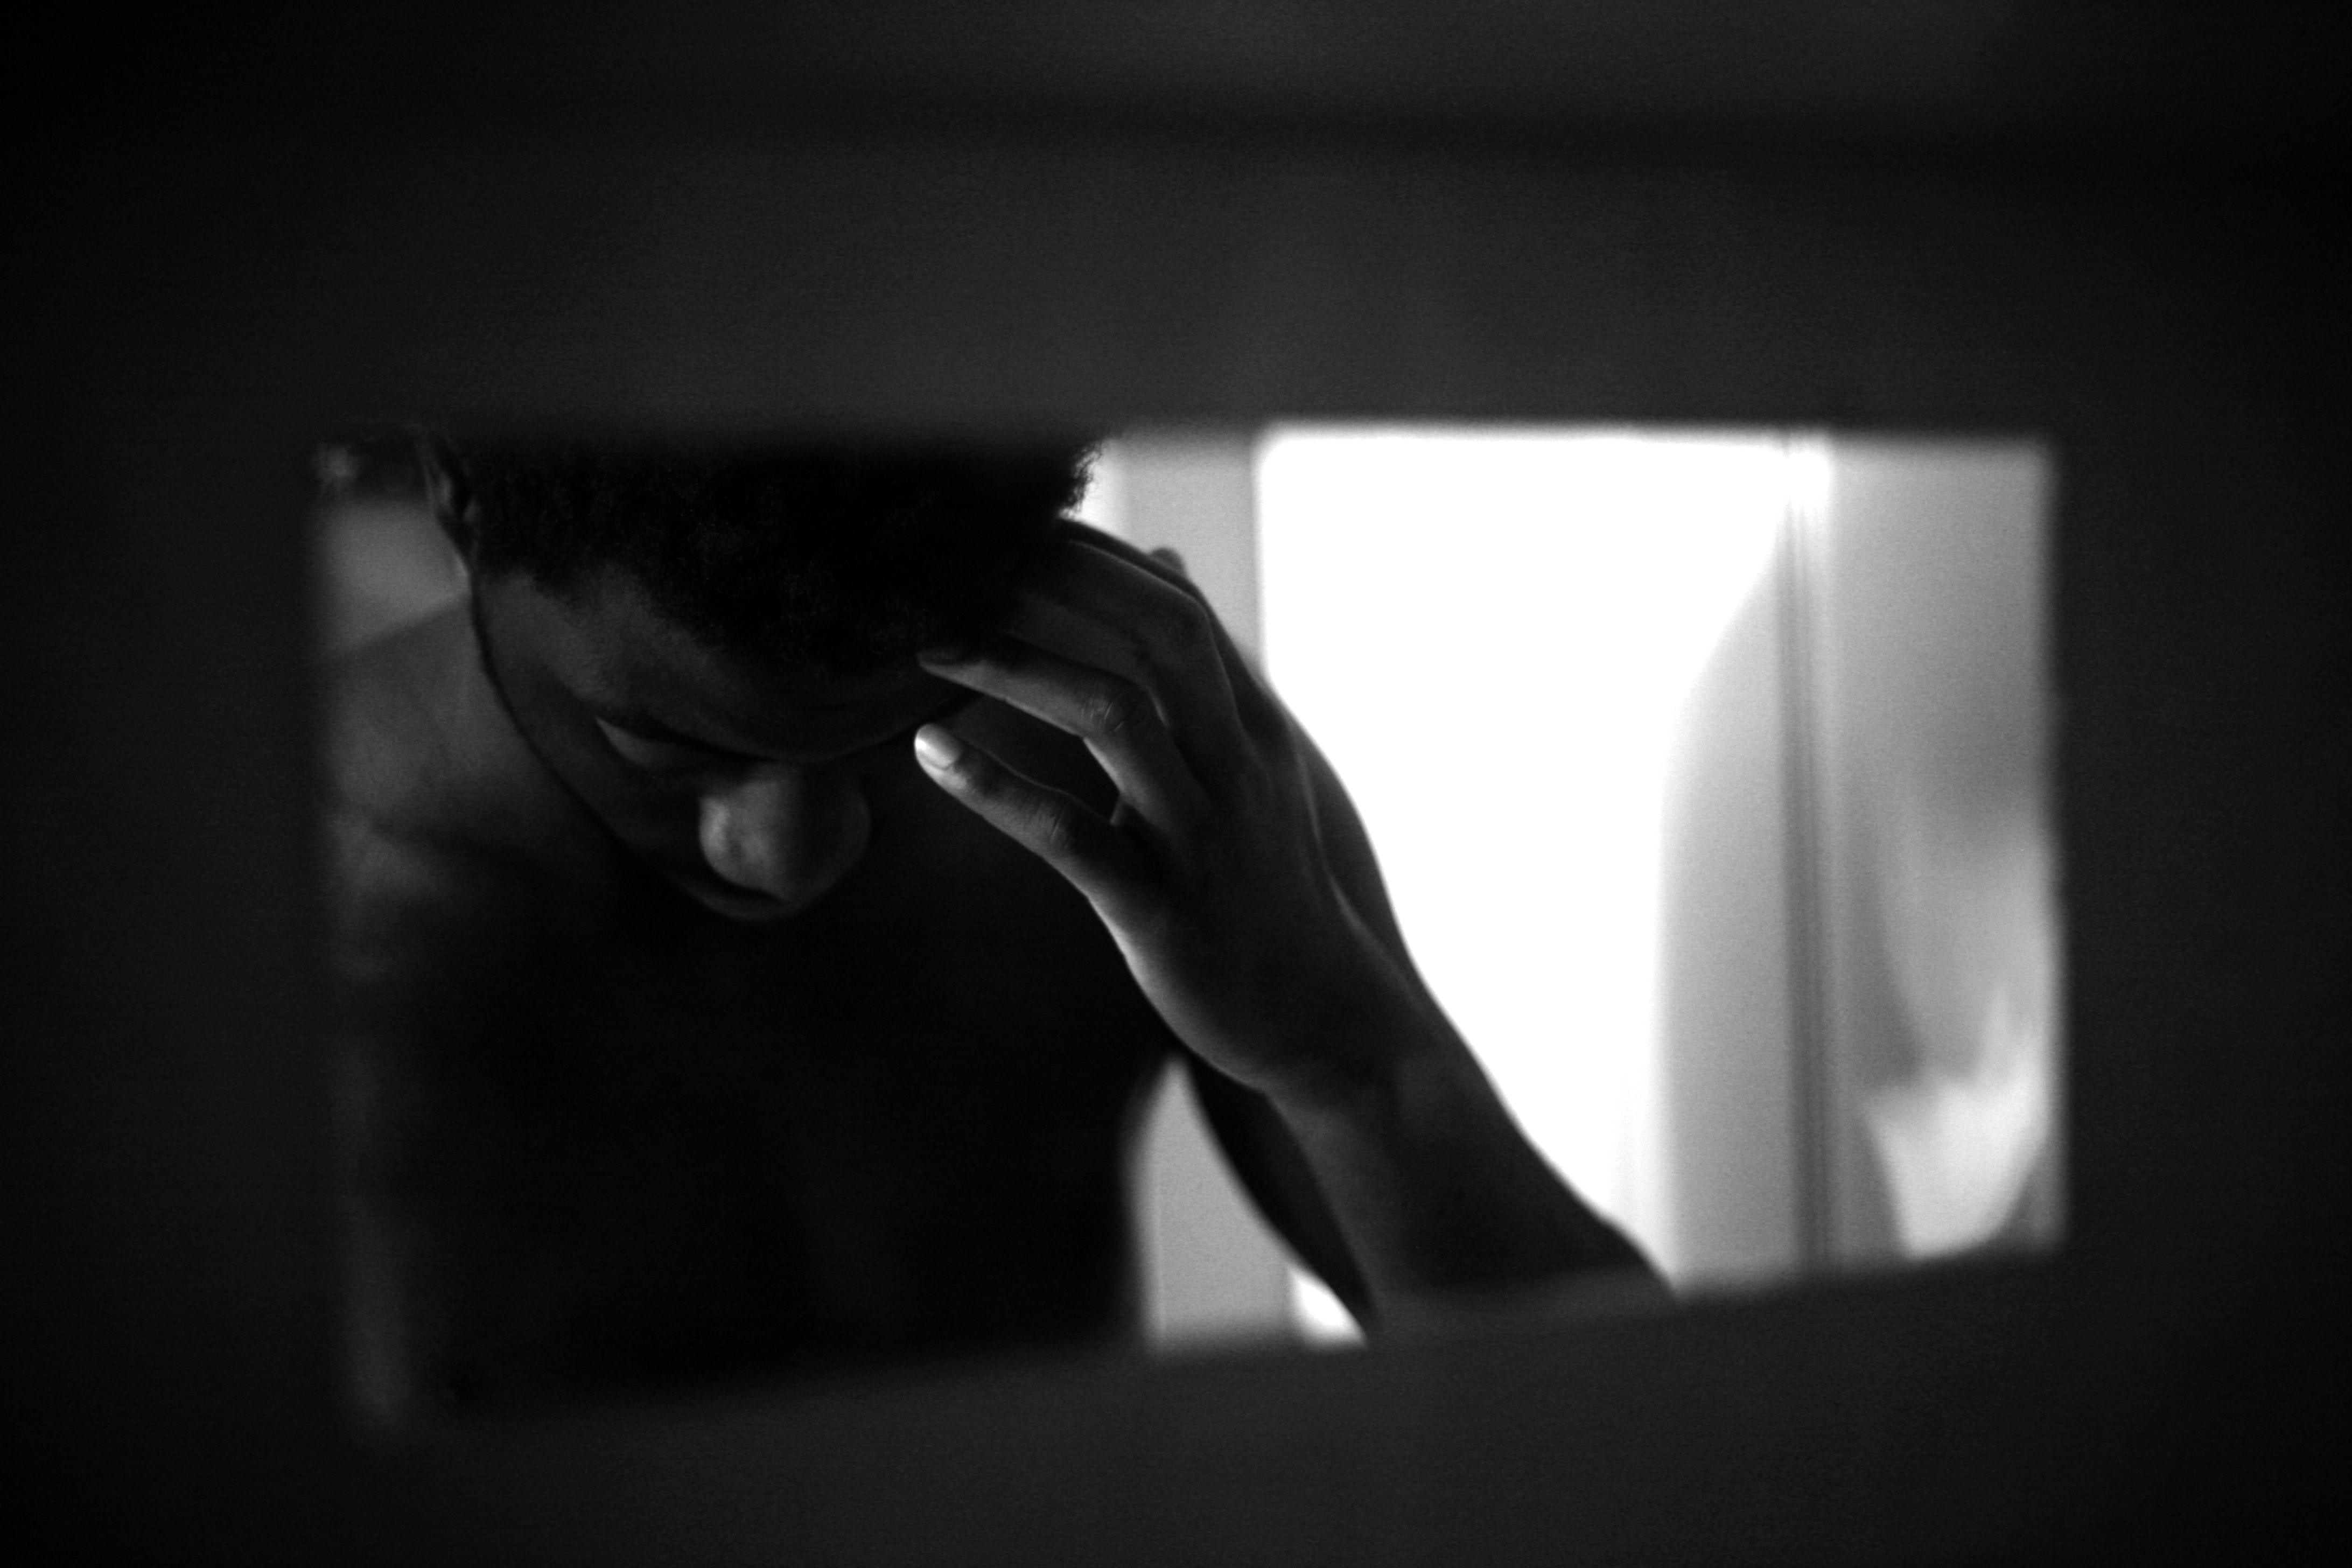 #Opinião: Jovens negros e o suicídio